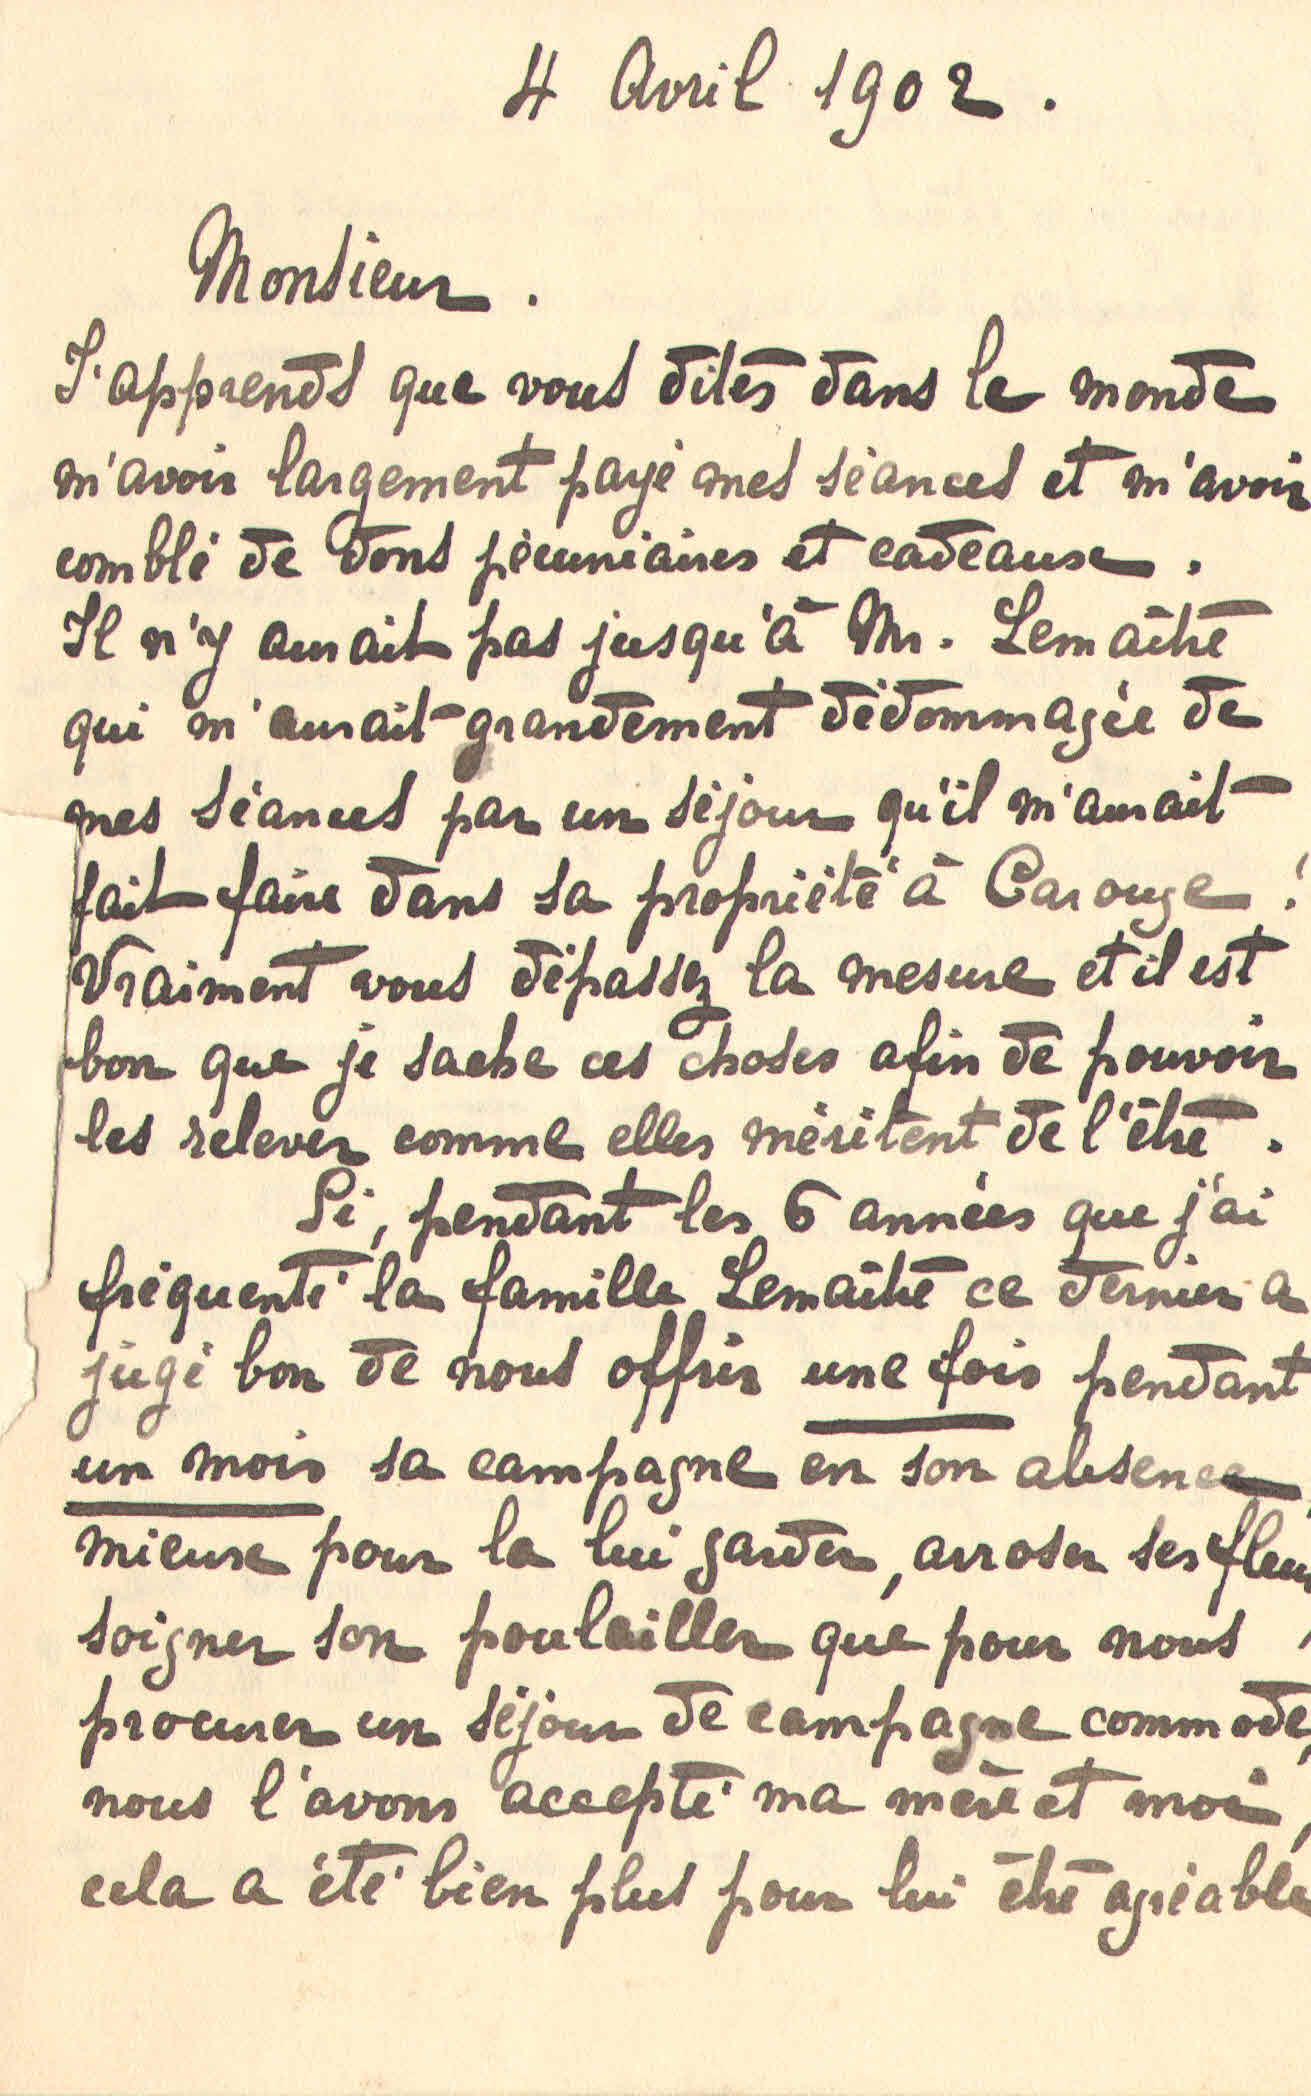 Elise à Théodore, le 4 avril 1902